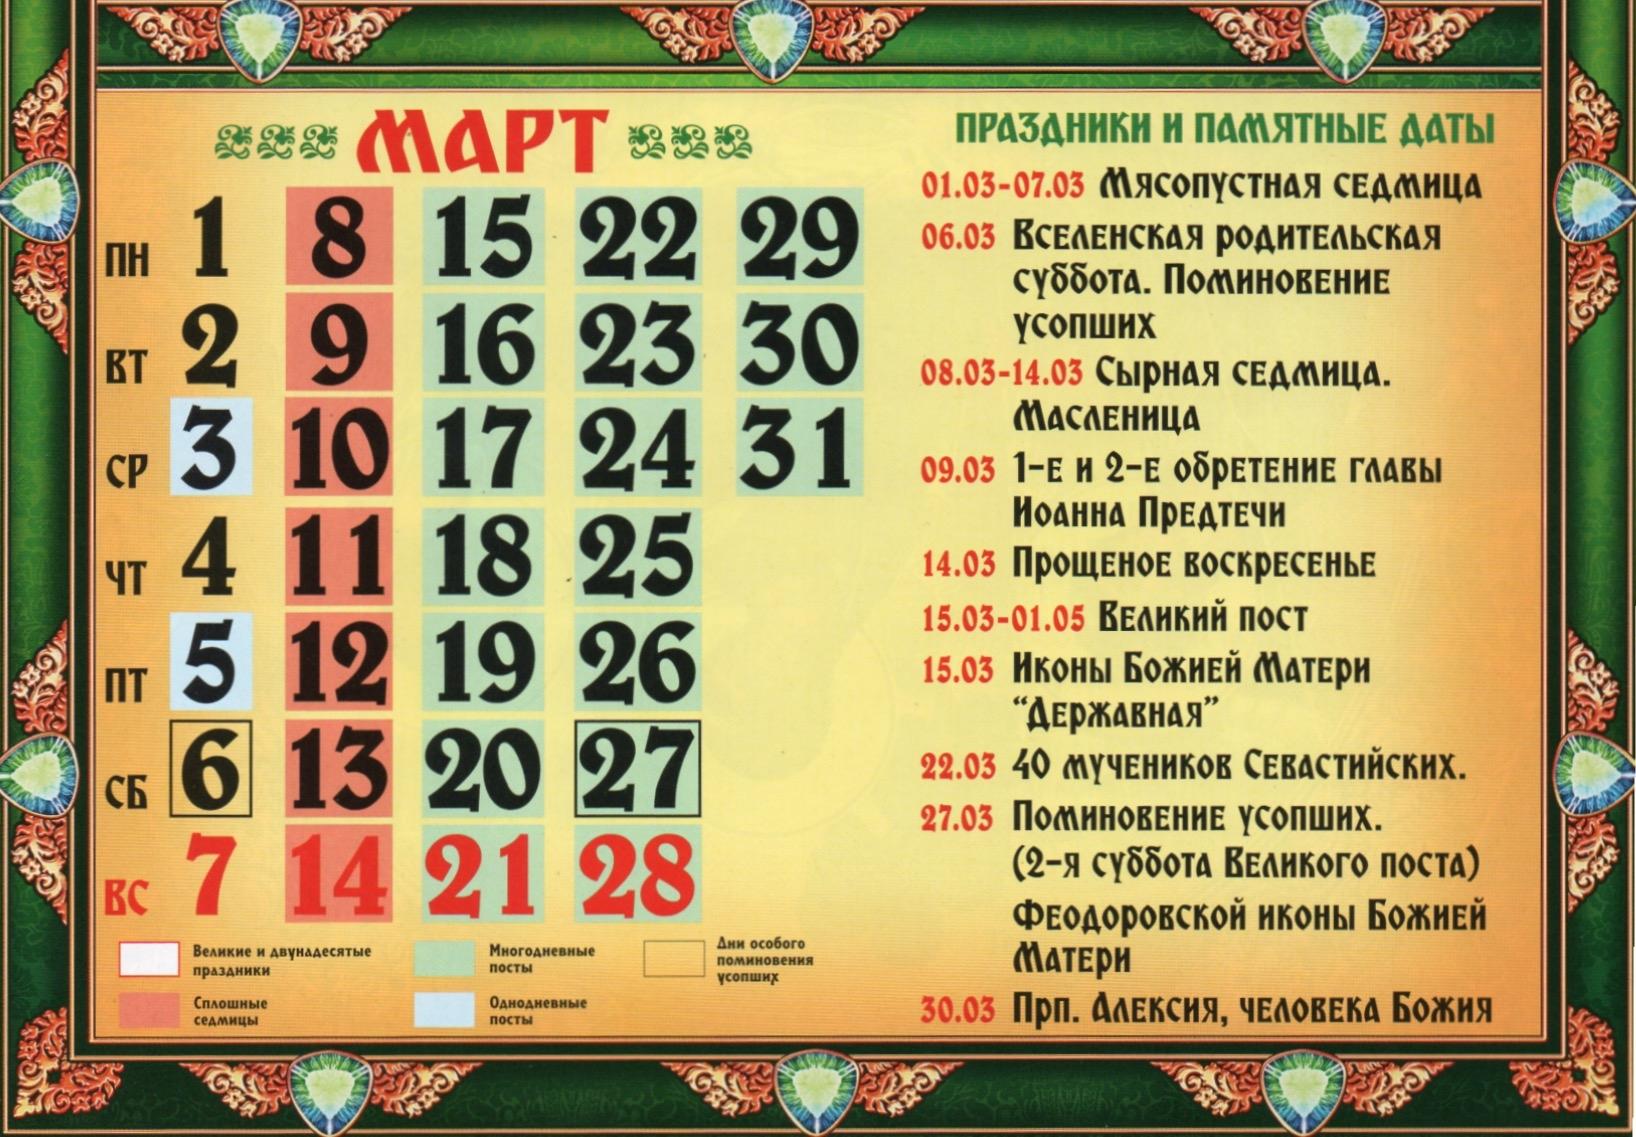 праздники в марте 2021 года в украине